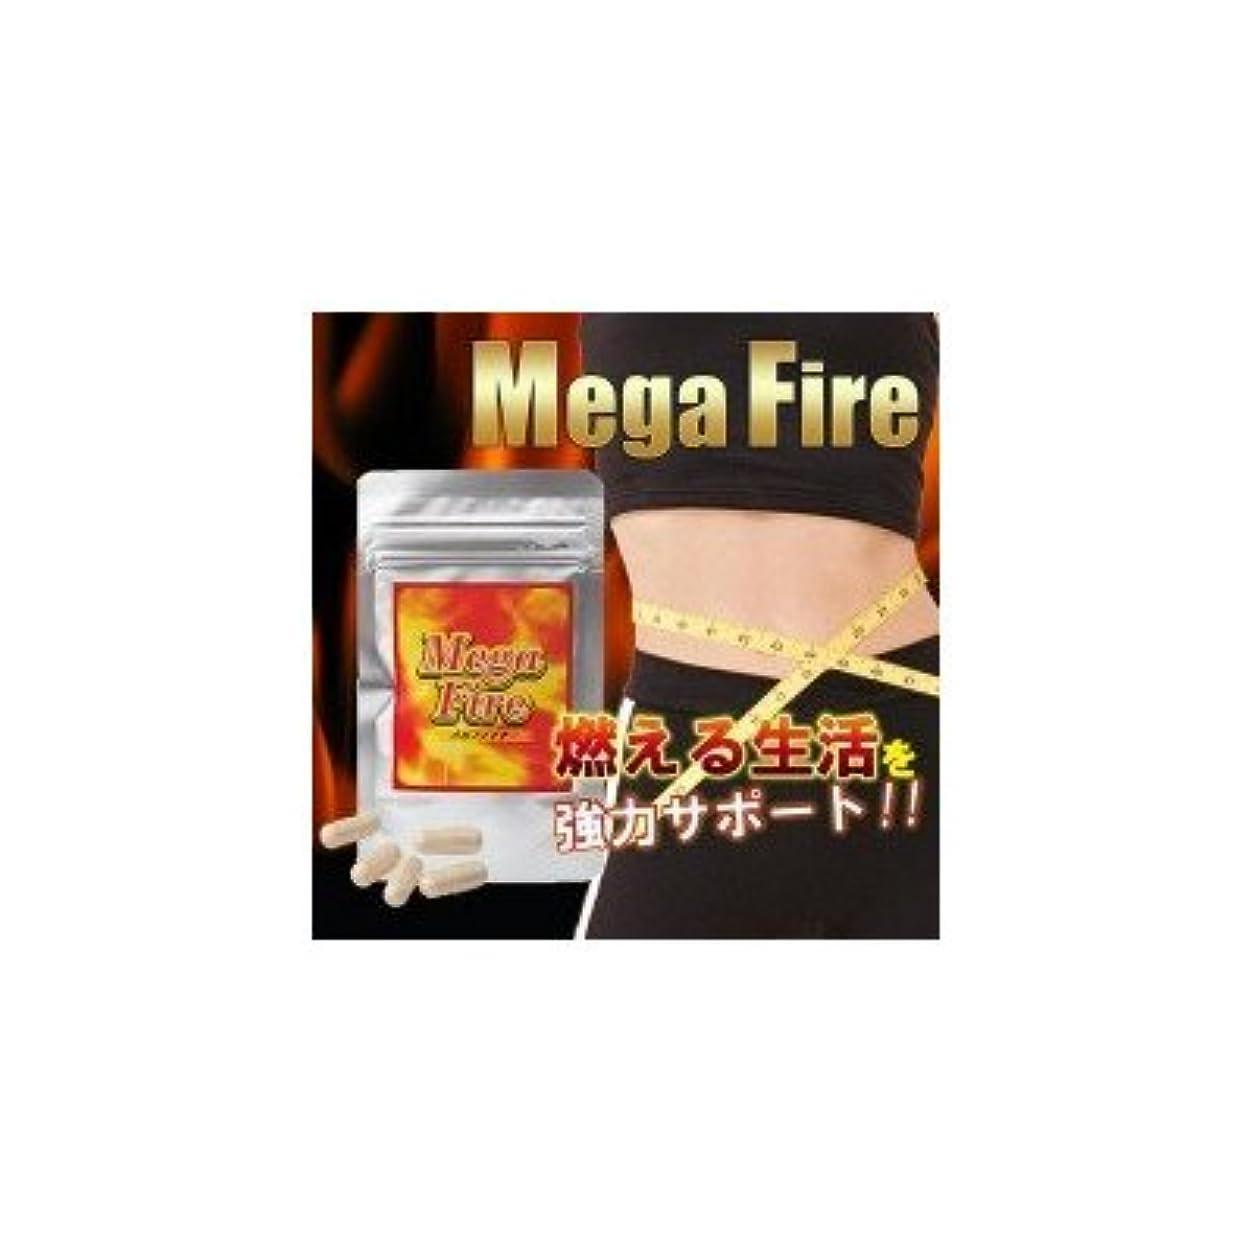 ホーンふりをする状況Mega-Fire(メガファイア) 13.9g(377mg(1粒内容量300mg)×37カプセル)